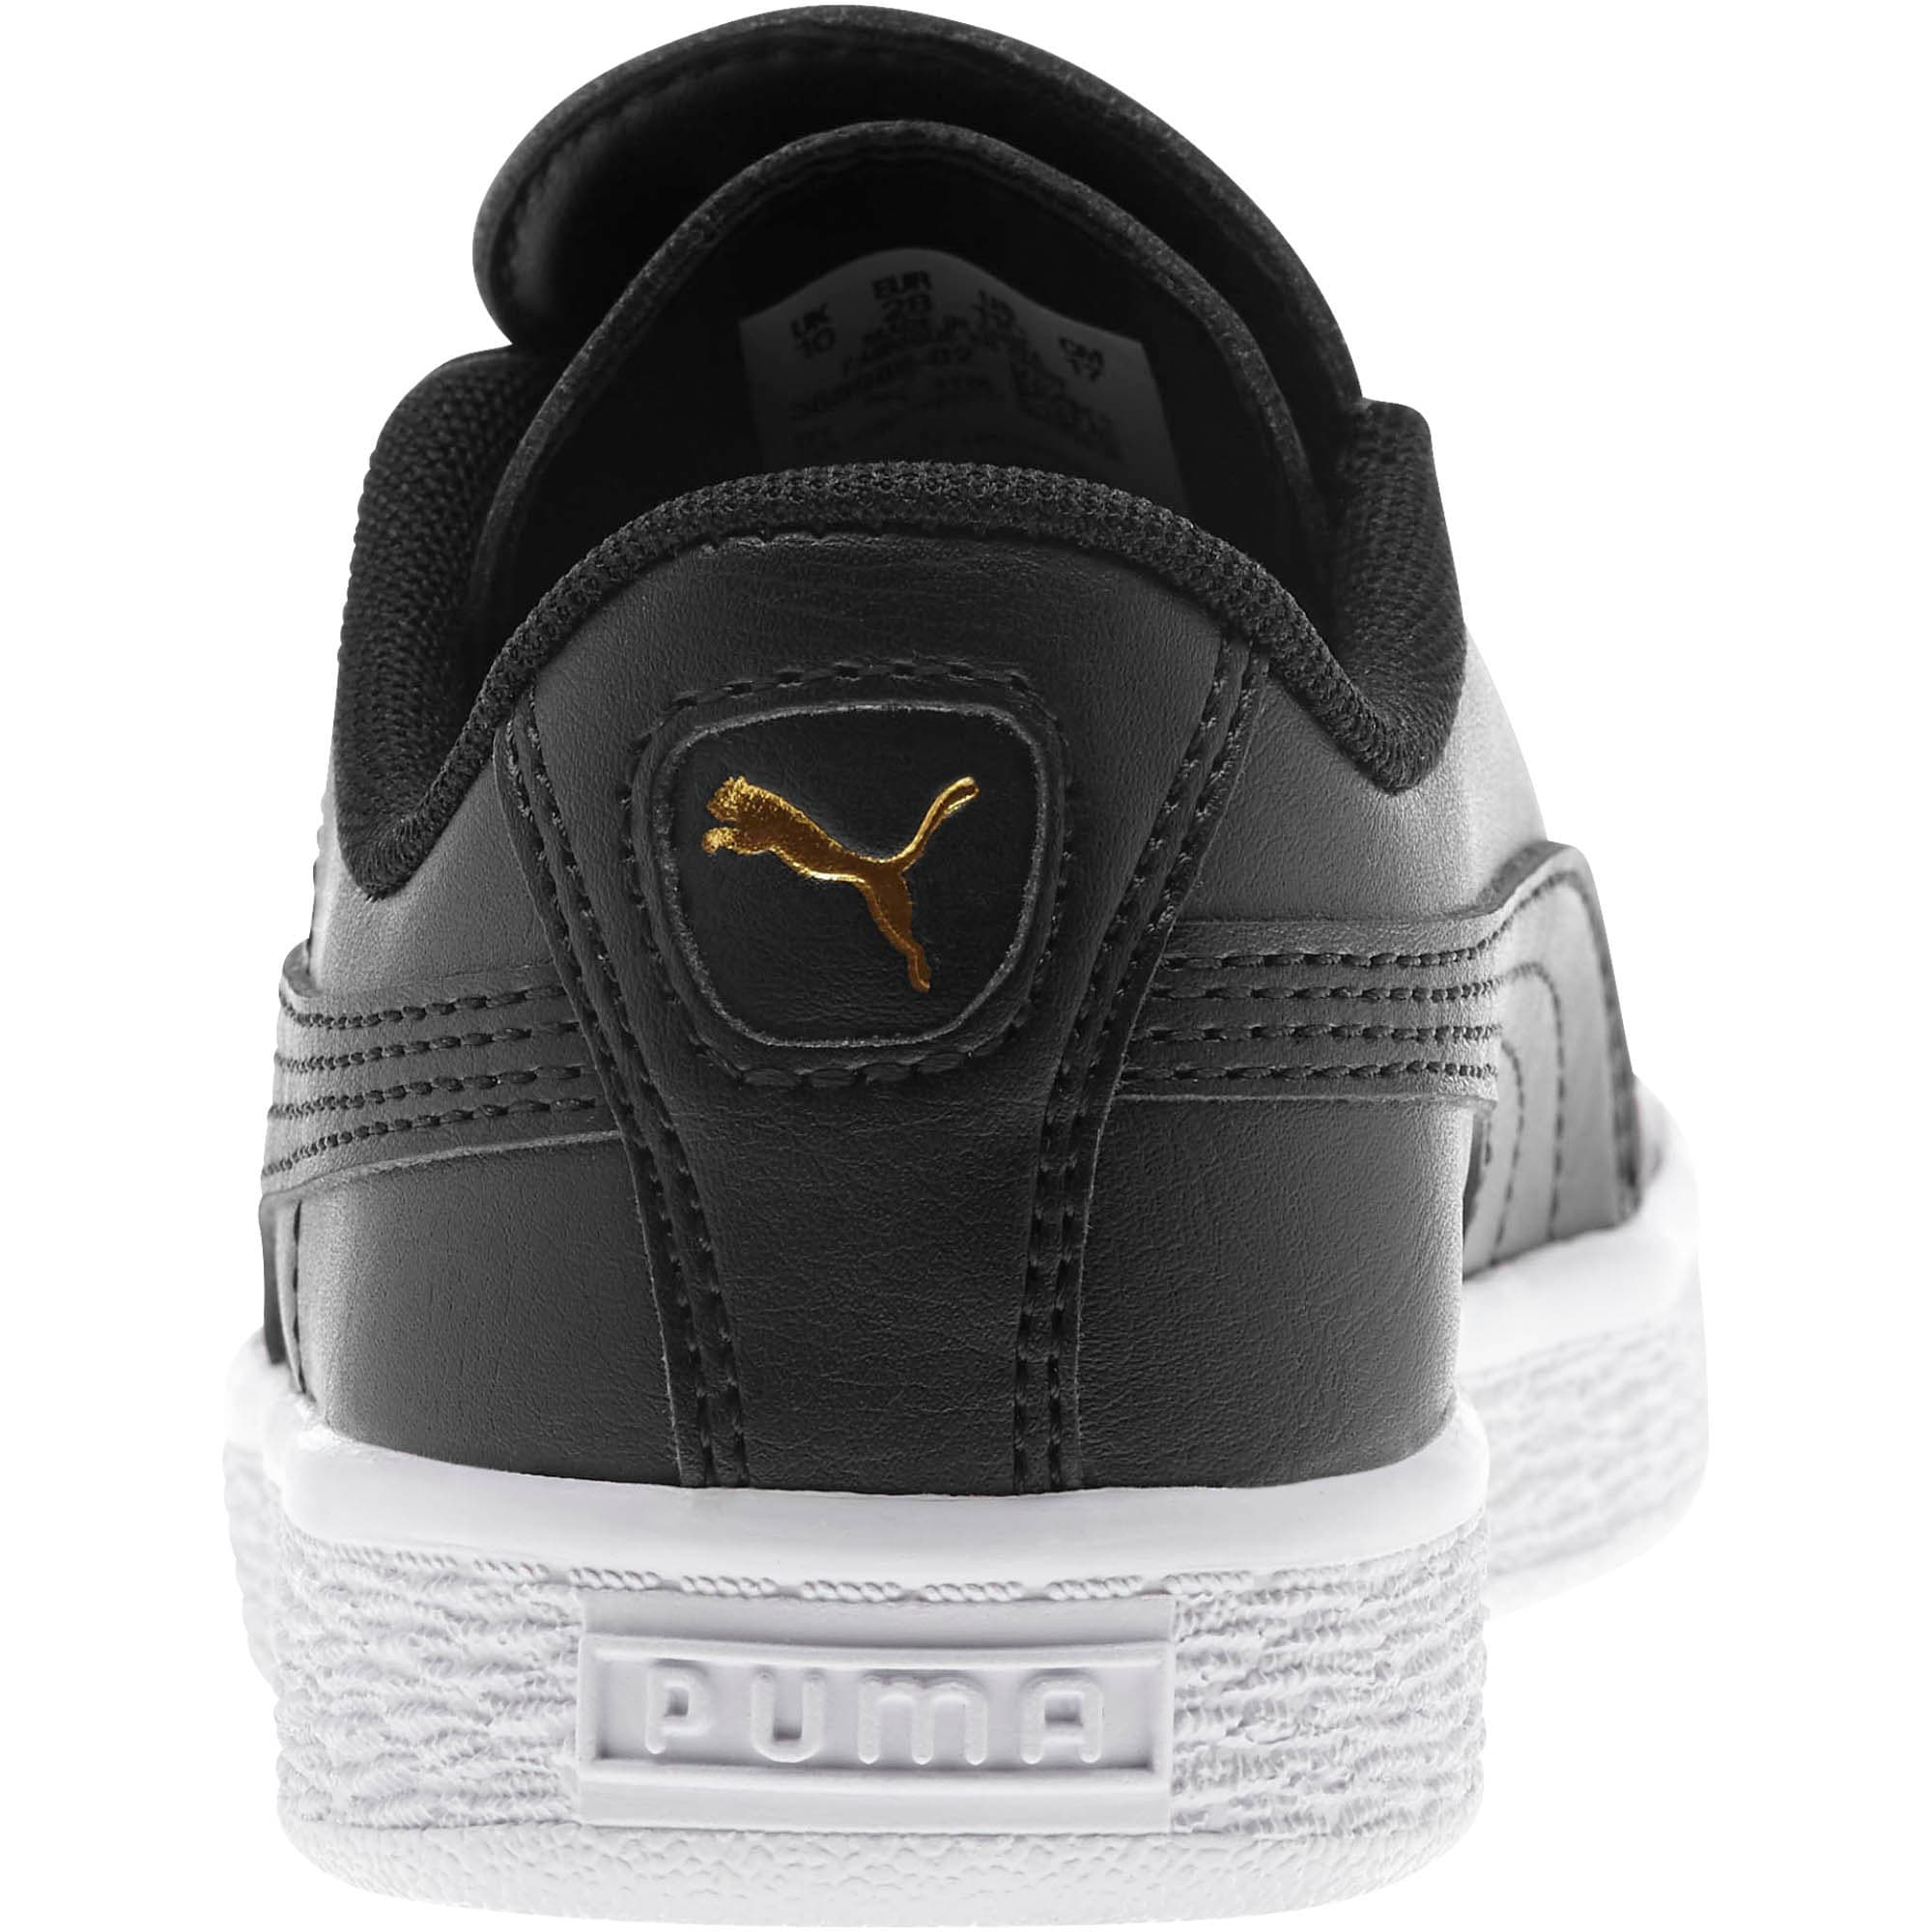 Miniatura 3 de Zapatos Basket Crush AC para niños, Puma Black-Puma Team Gold, mediano